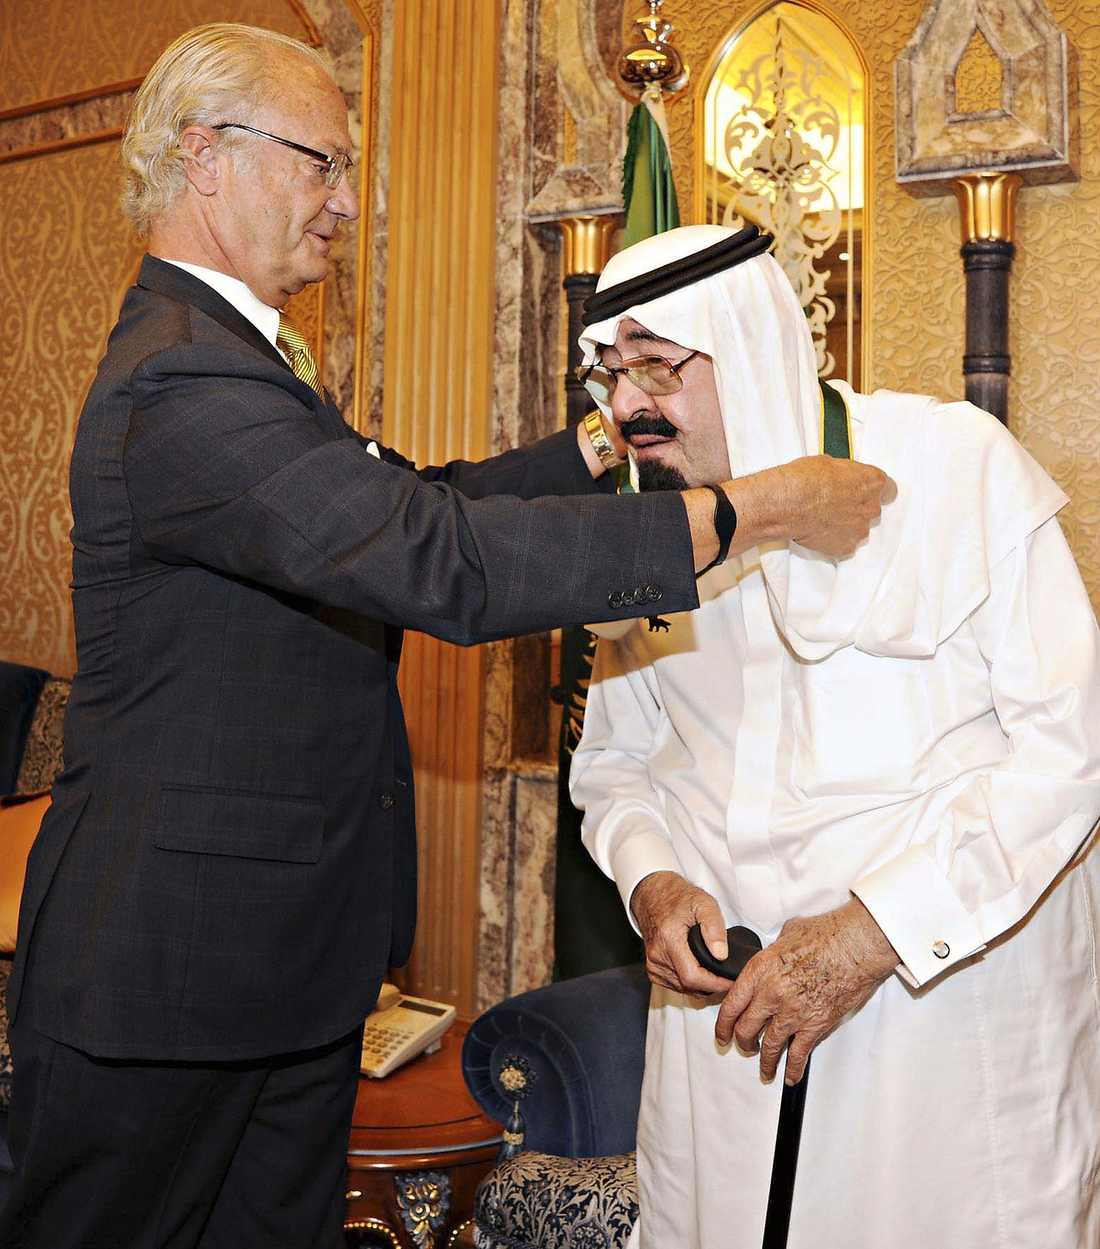 PRIS FÖR ENASTÅENDE TJÄNSTER  I fredags hedrade kung Carl XVI Gustaf Saudiarabiens kung Abdullah med förtjänsttecknet Bronsvargen. Av Amnesty beskrivs Saudiarabien som en dikatur där folket utsätts för övergrepp.